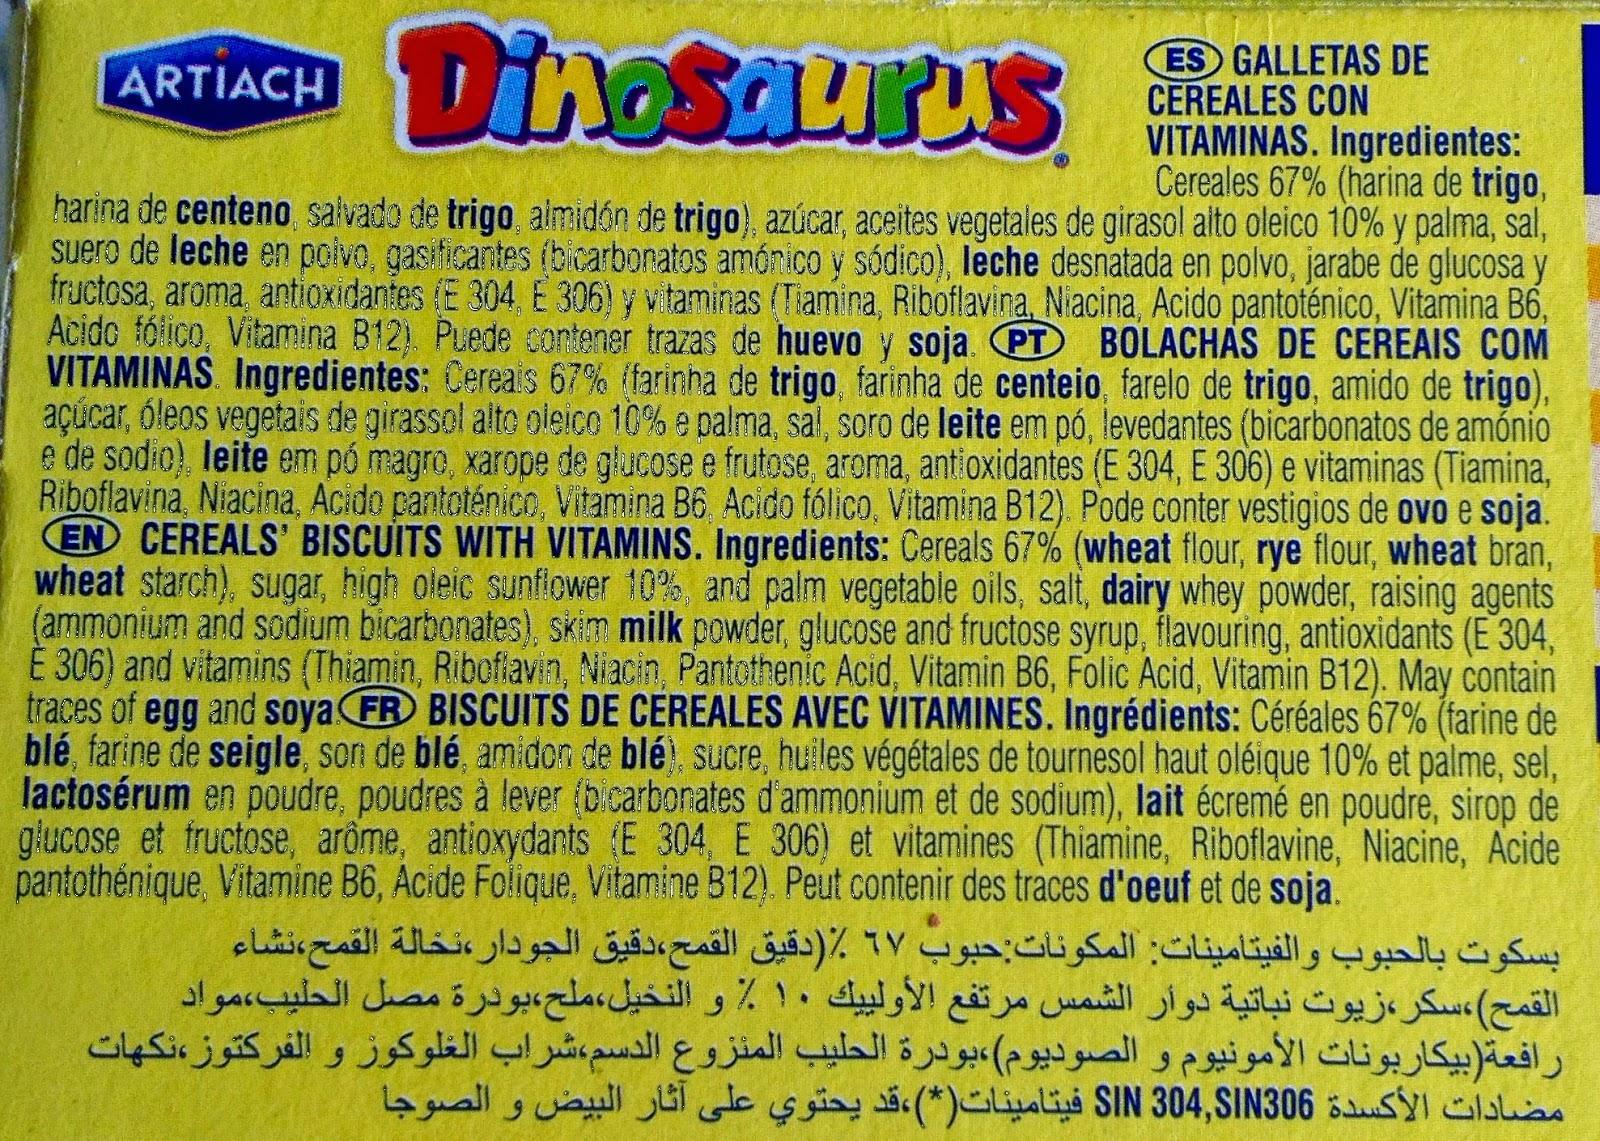 Son Saludables Las Galletas Dinosaurus Lifestyle Los dinosaurios de juguete son nuestra pasión, comienza tu colección con un dinosaurio schleich elige el tuyo en nuestra selección de dinosaurios de juguete de marketlace, y adentrarte en un. lifestyle fit